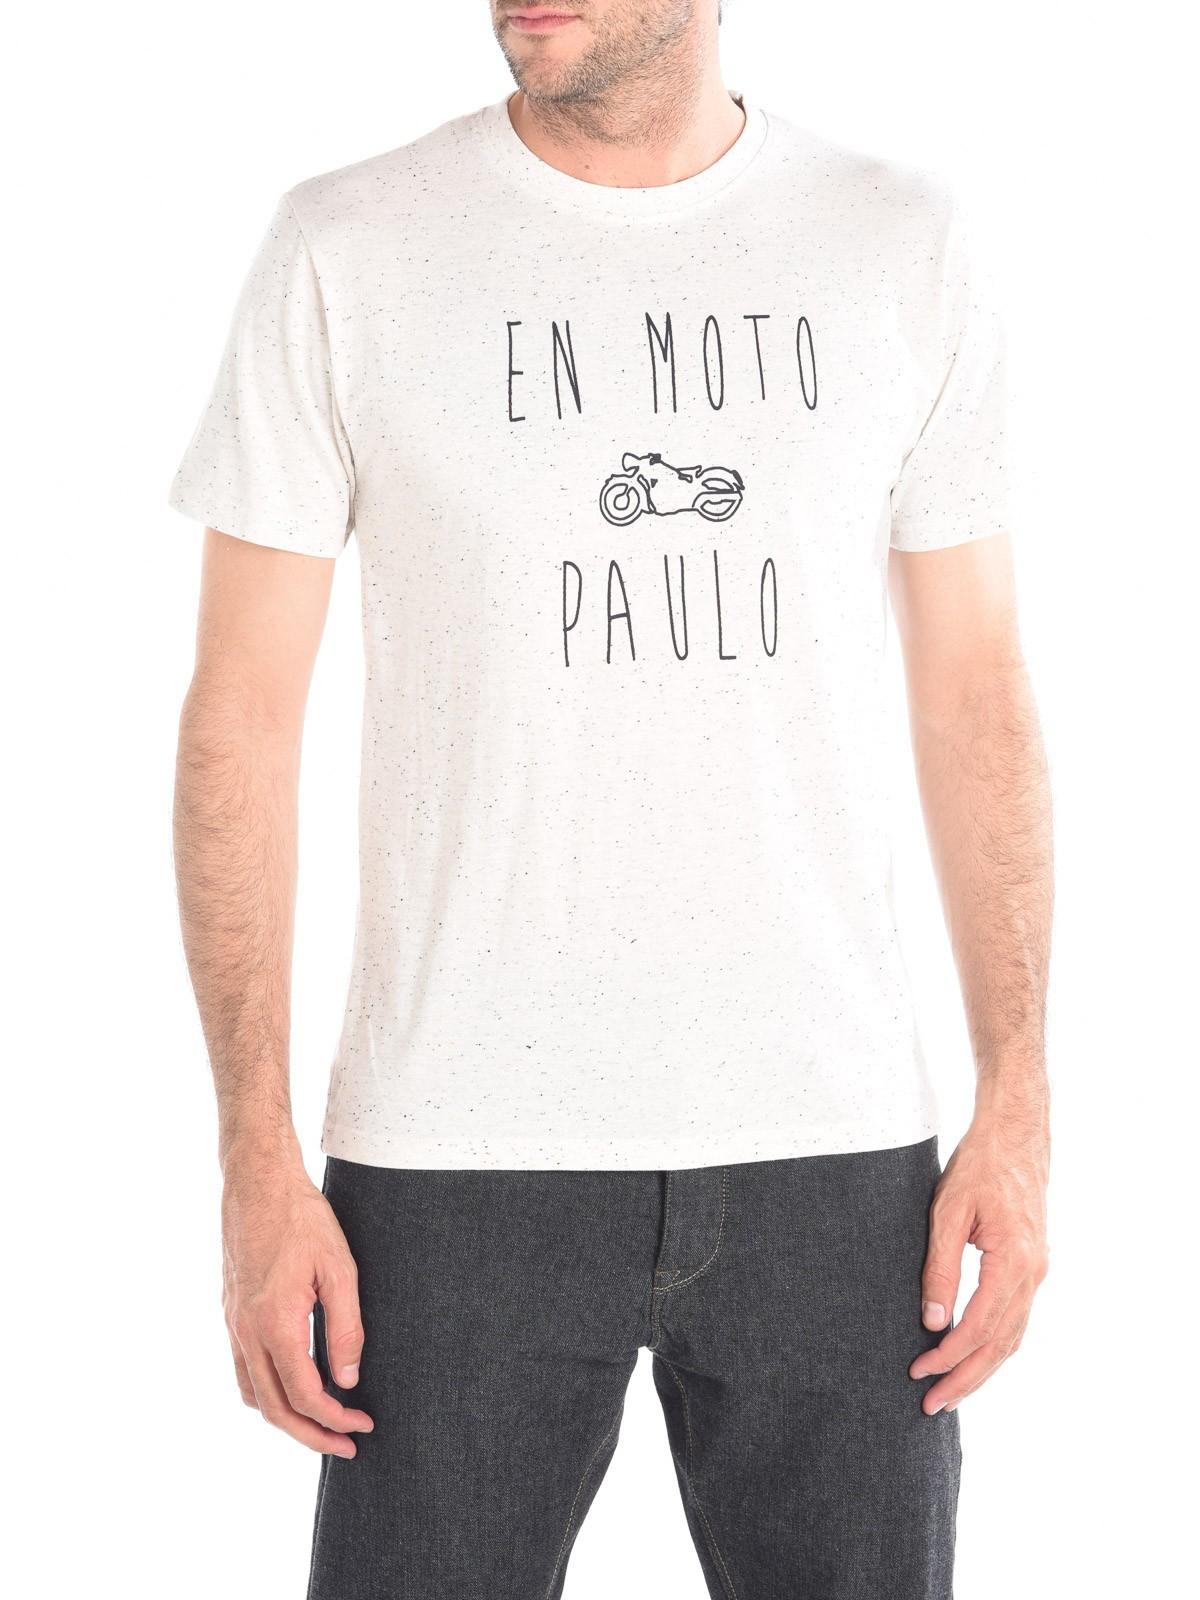 f20060612490b Tshirt message humour homme coloris écru - DistriCenter